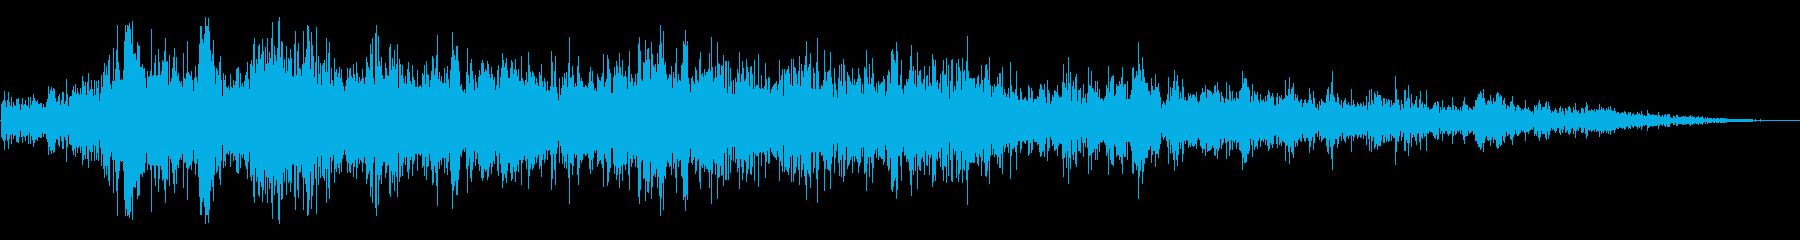 機械の設定または変圧器の再生済みの波形